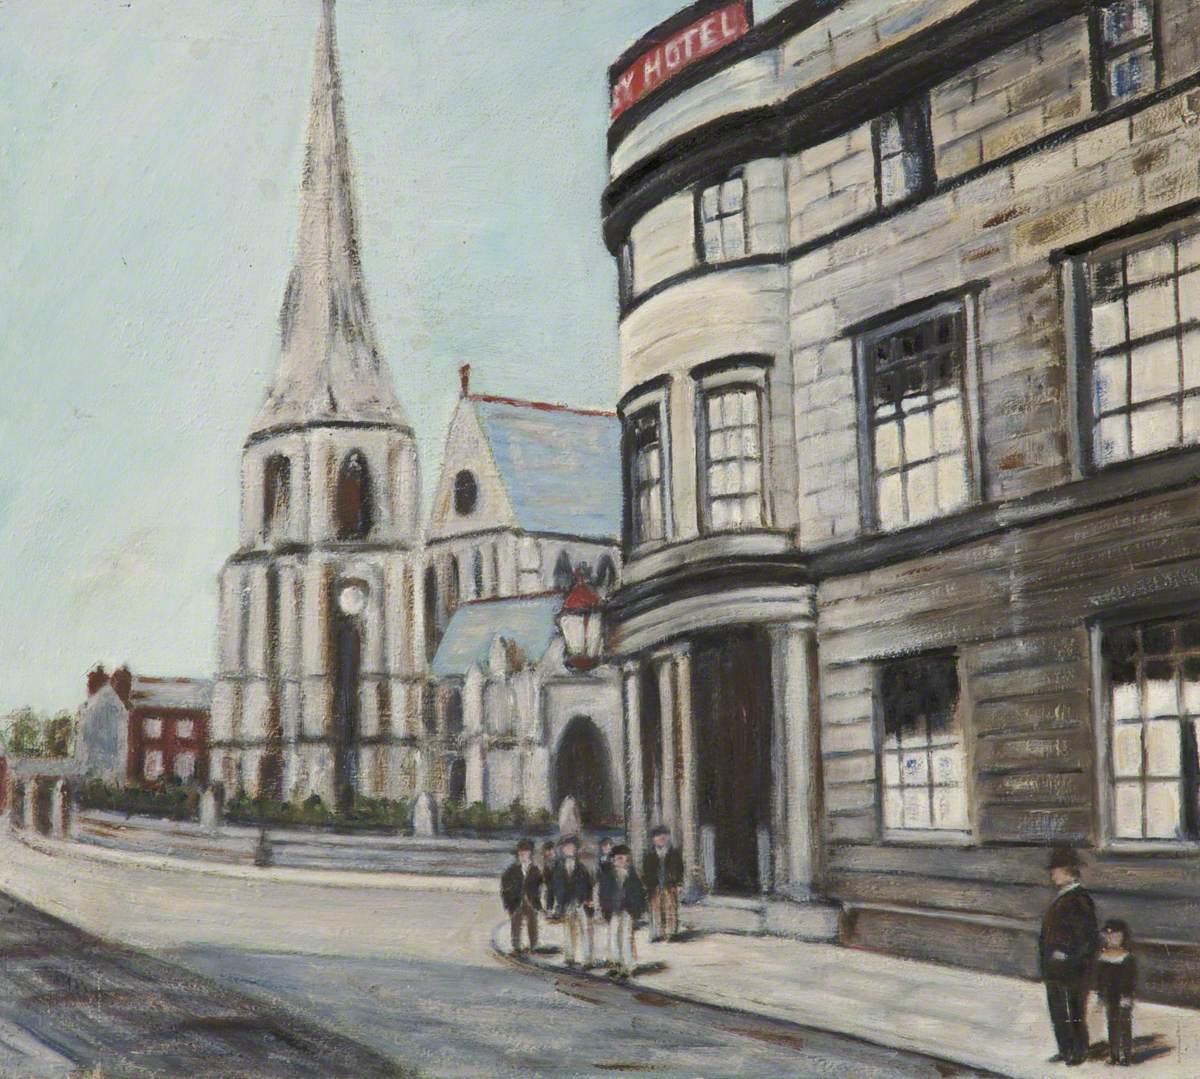 'Derby Hotel' and Bury Parish Church